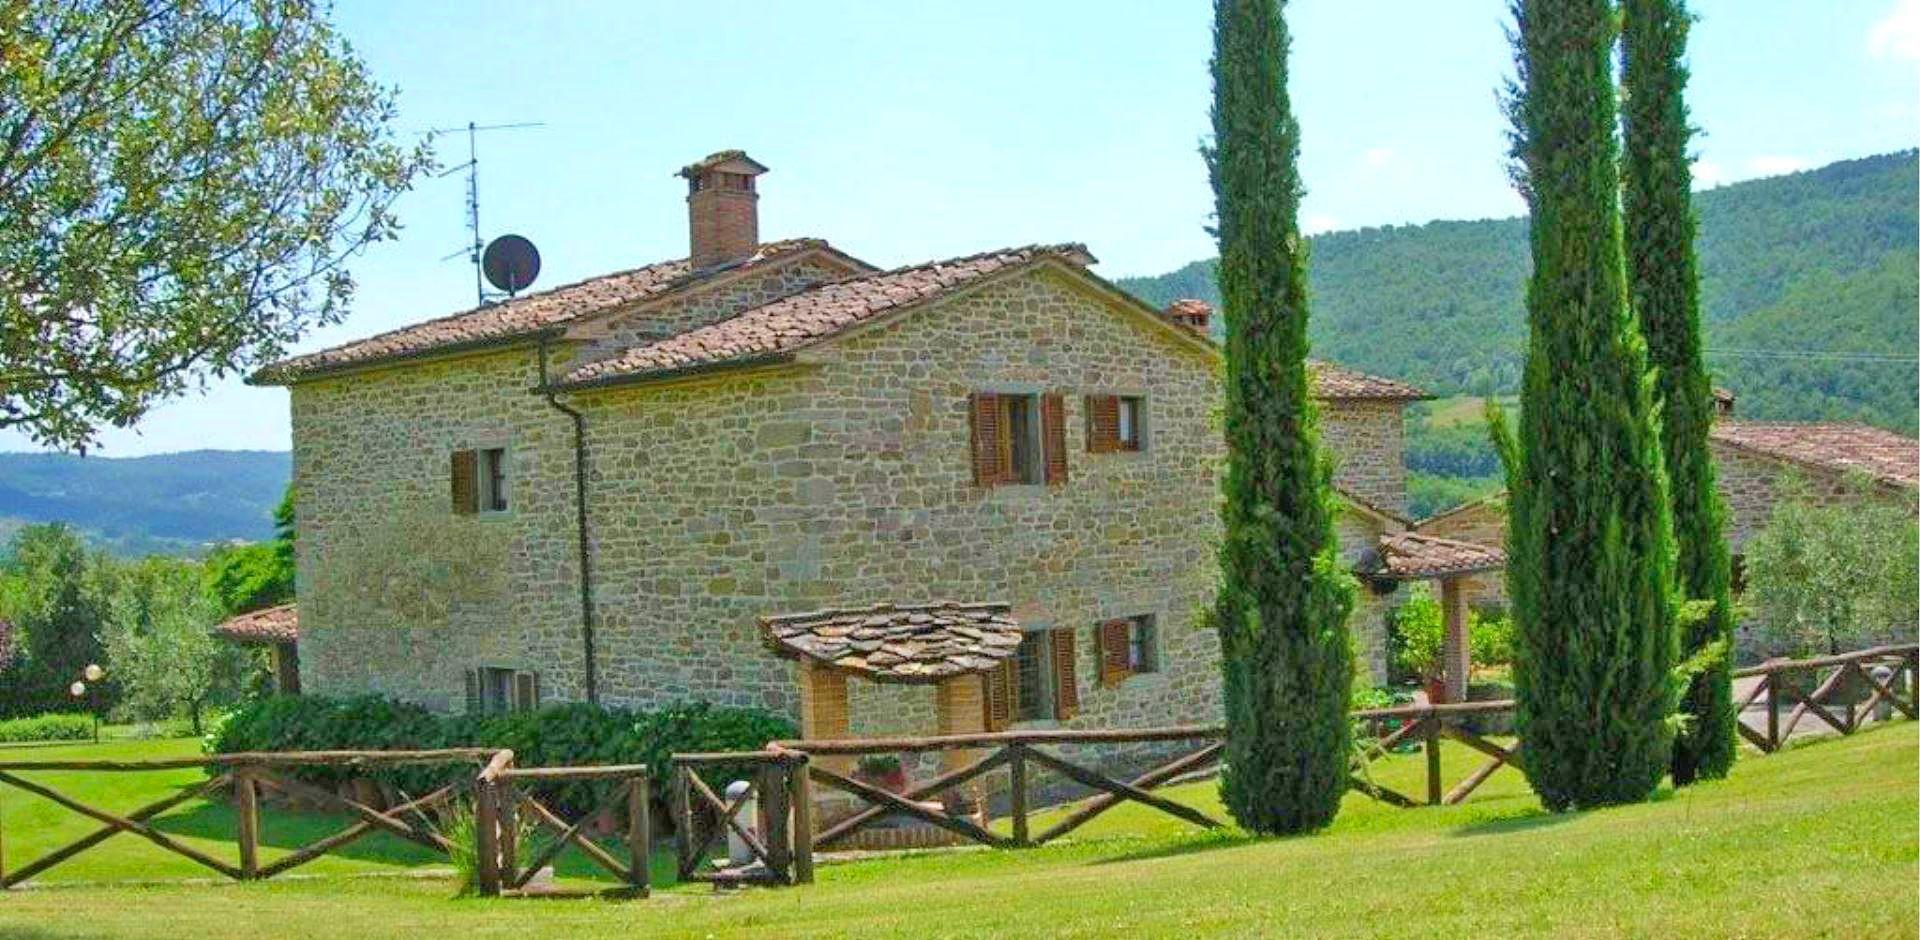 Ferienhaus Toskana TOH445 Garten mit Zypressen